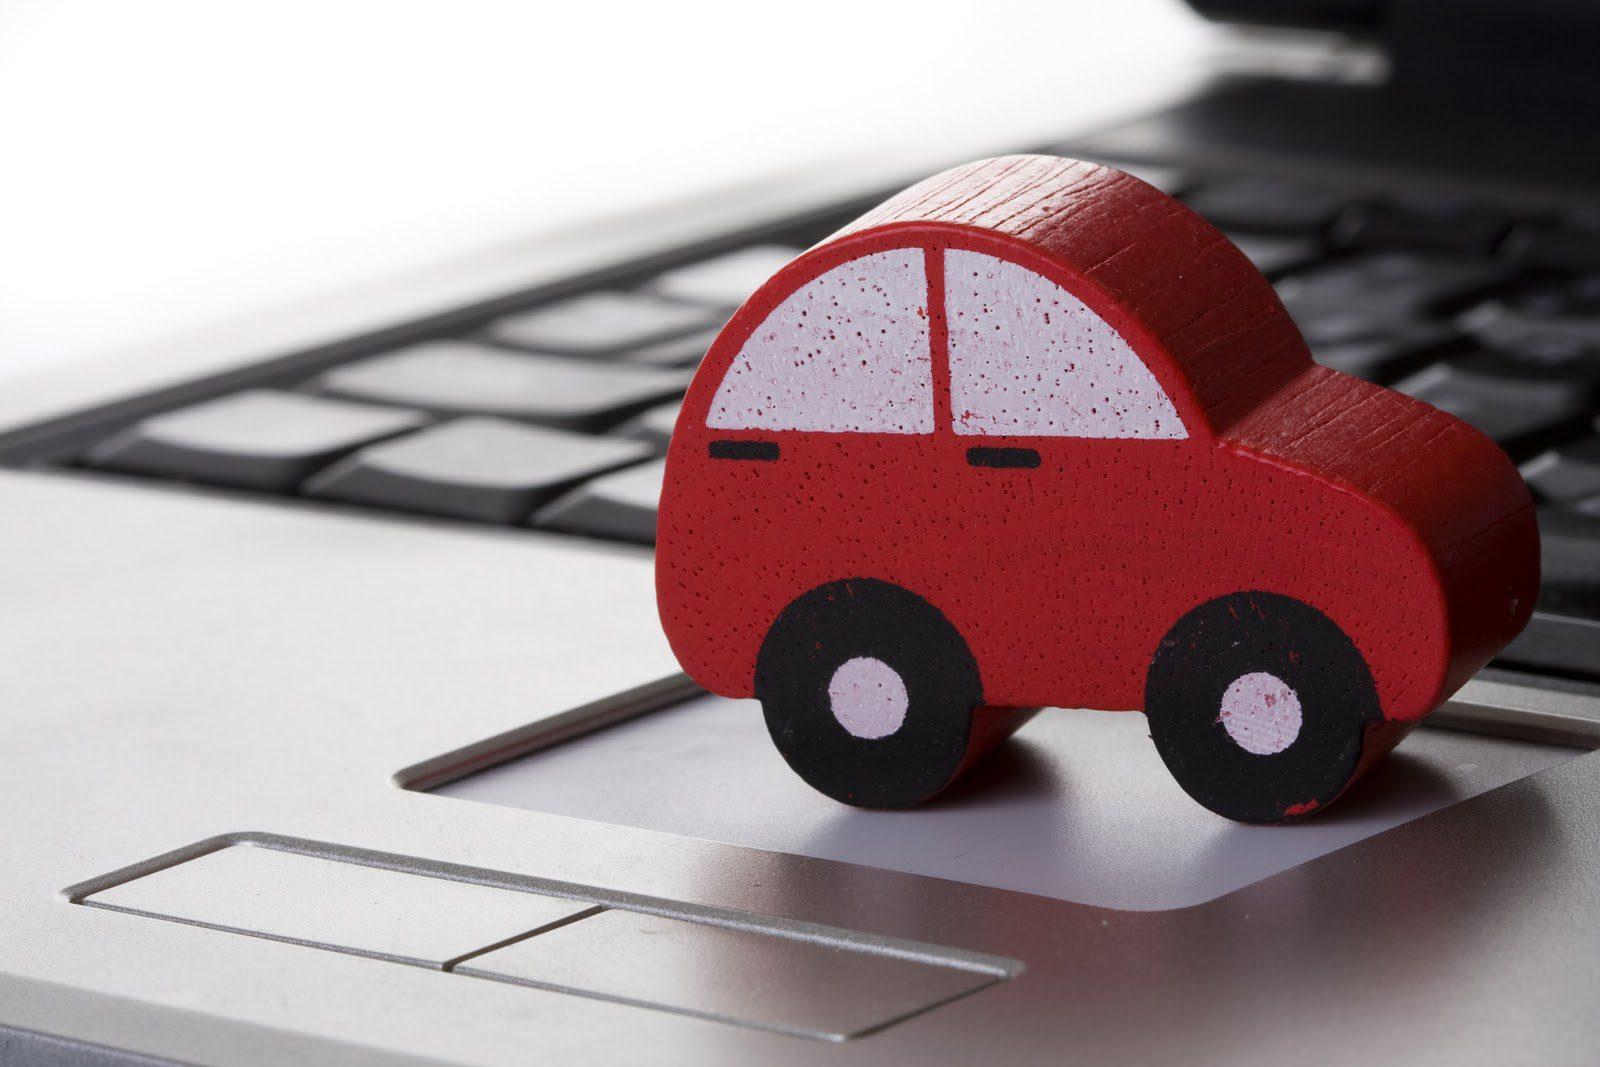 Preventivo assicurazione auto, risparmiare si può